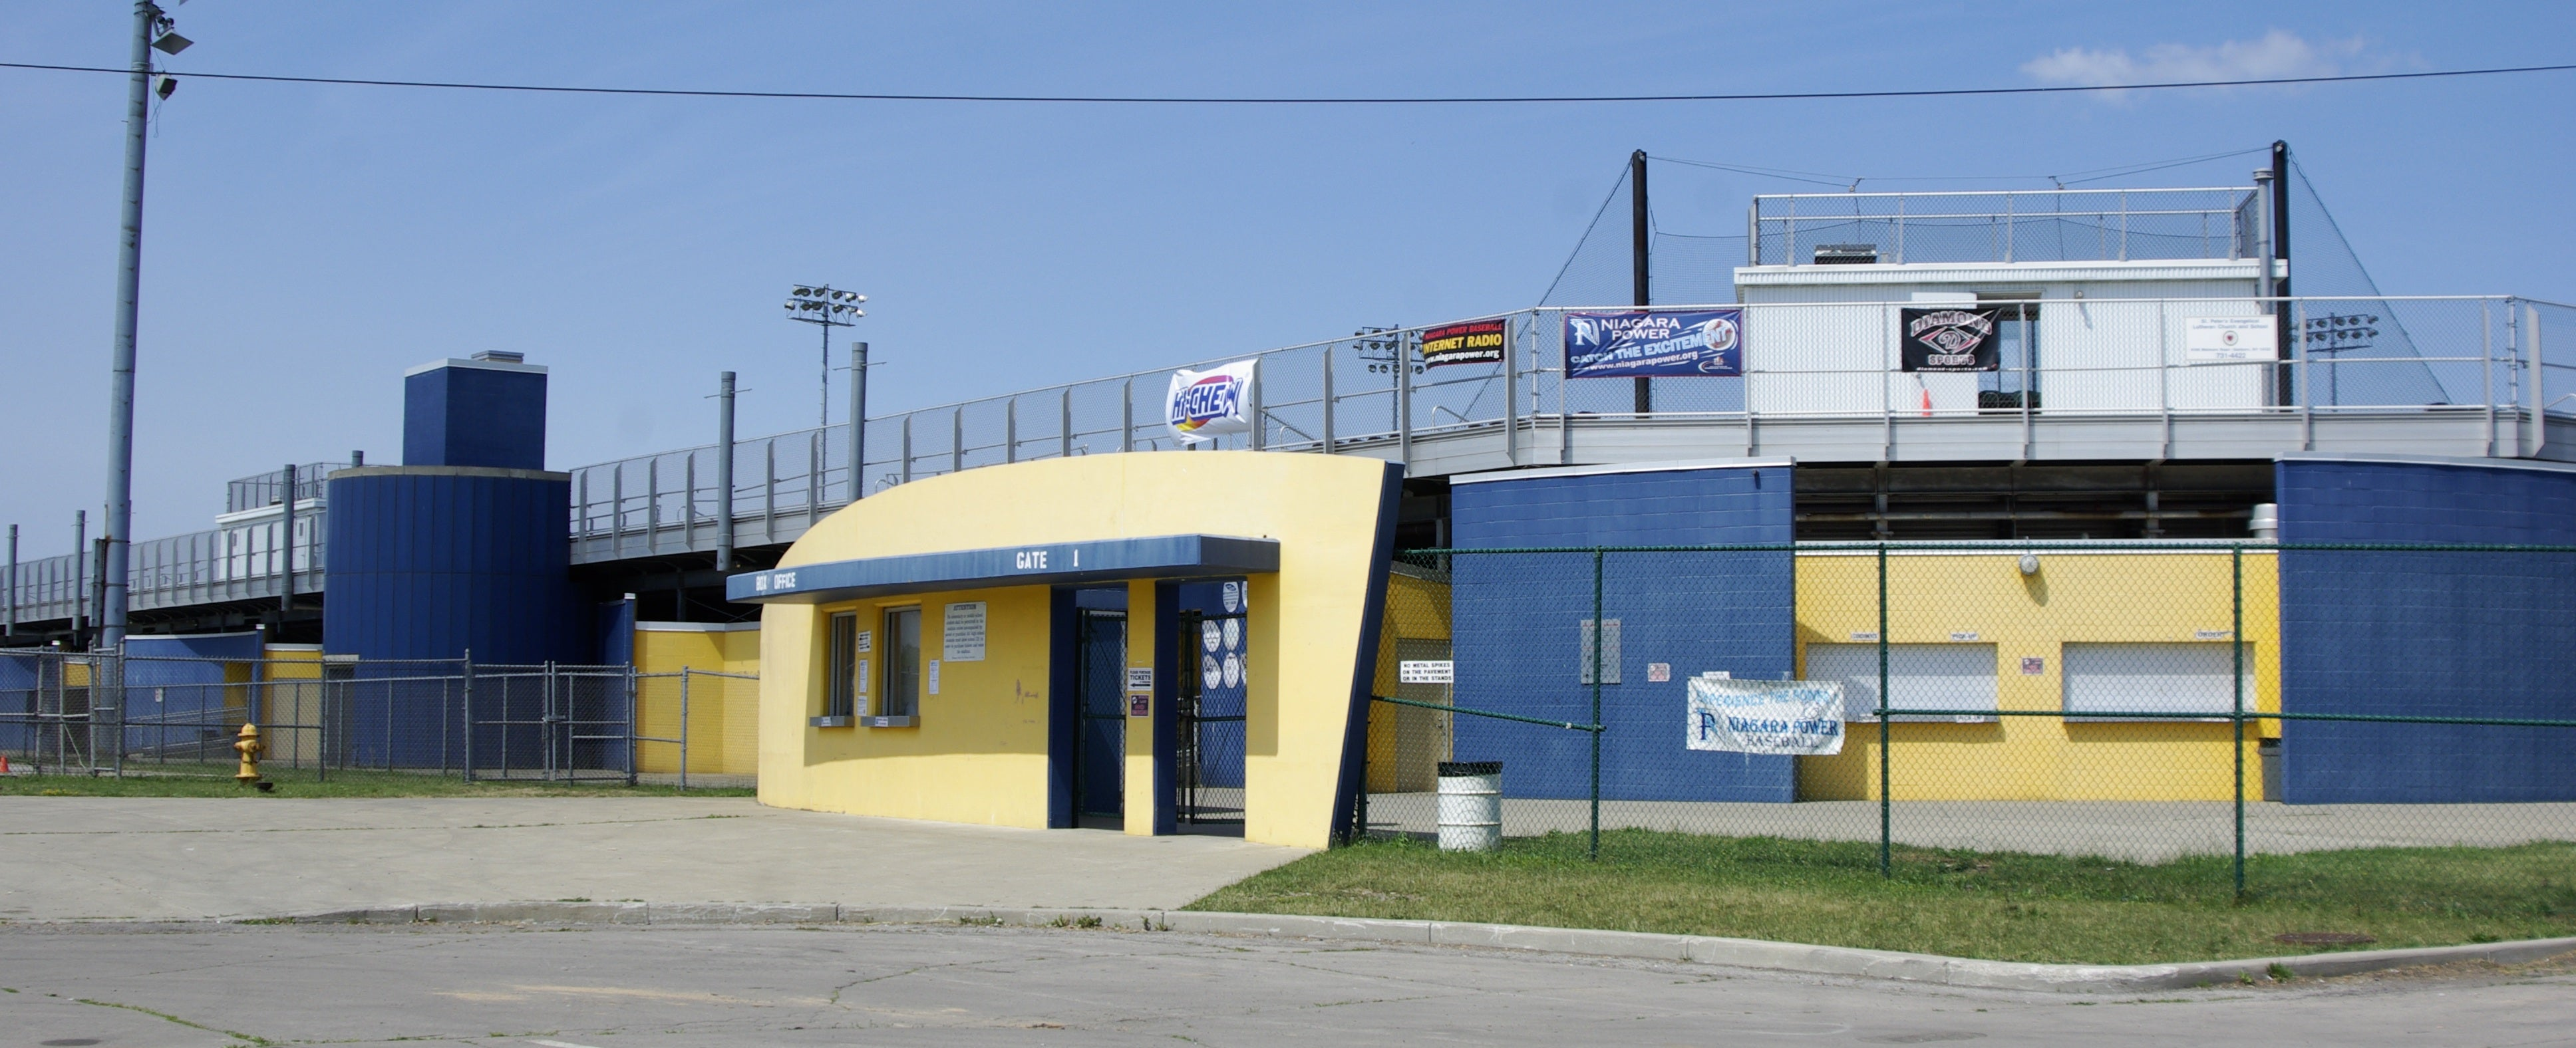 Sal Maglie Stadium